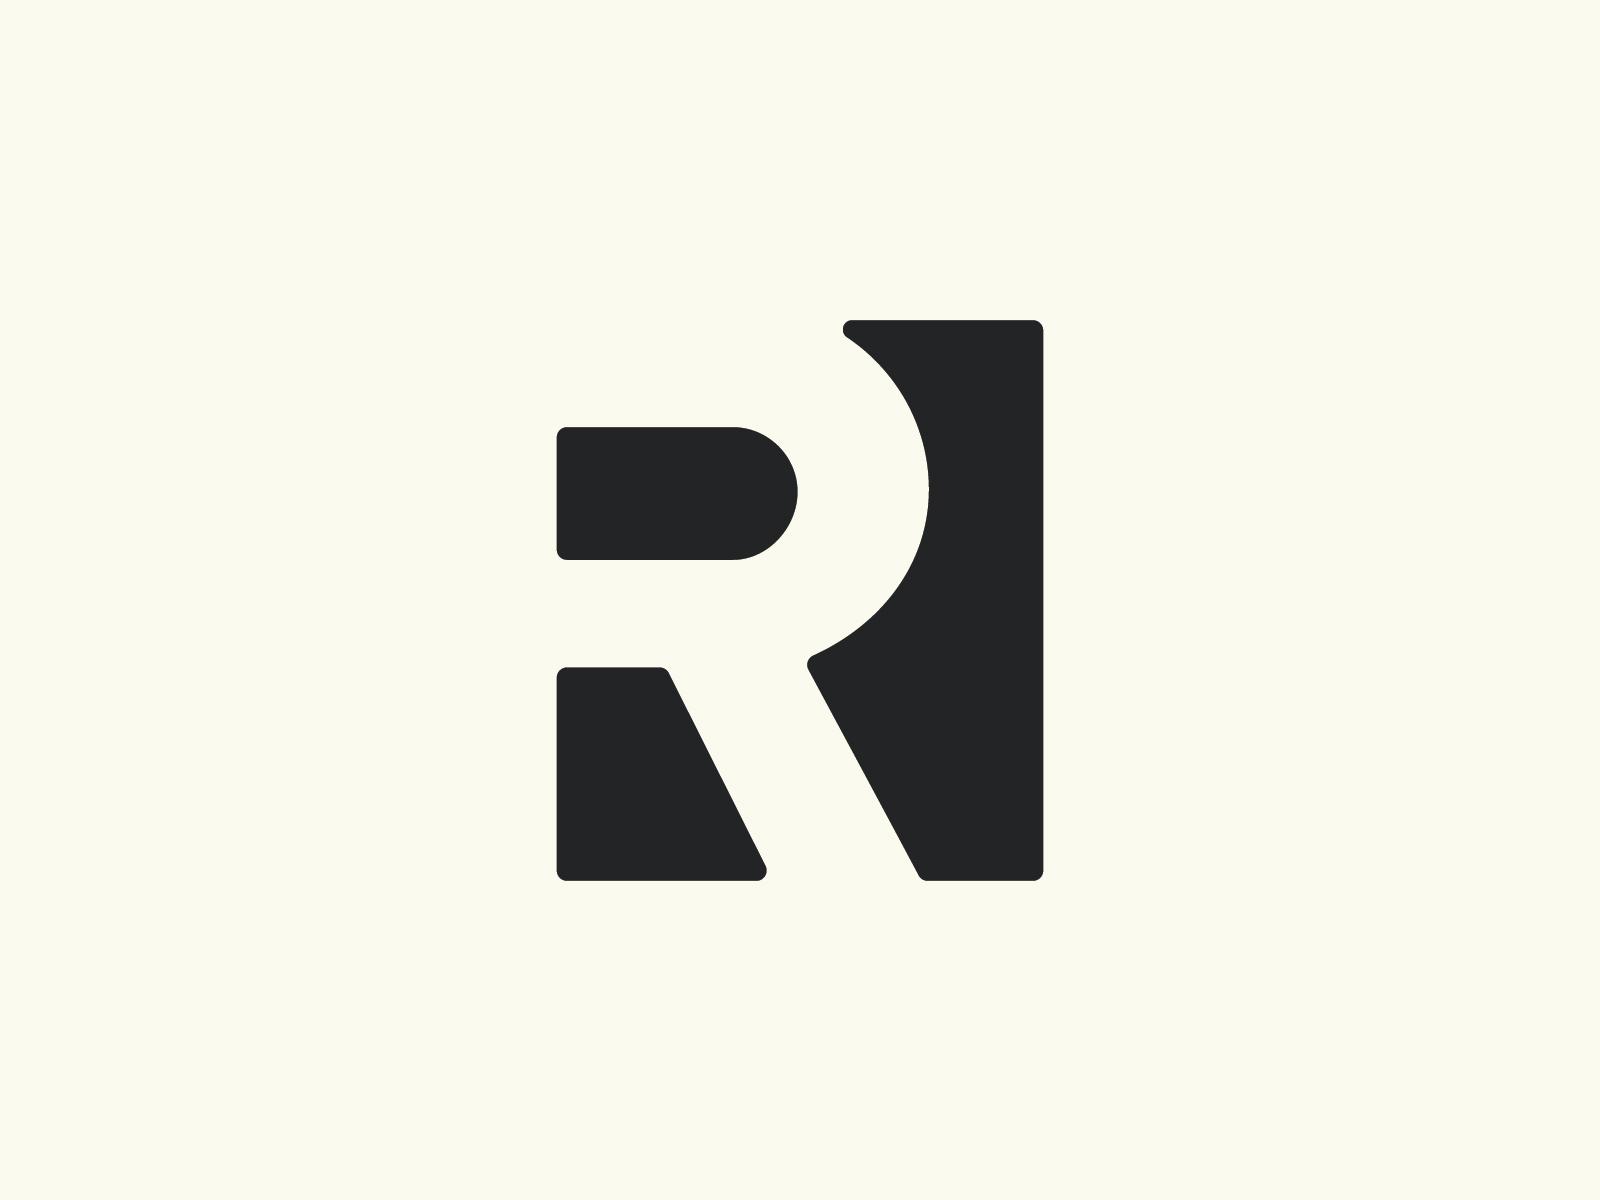 Redner equity dribbble 09